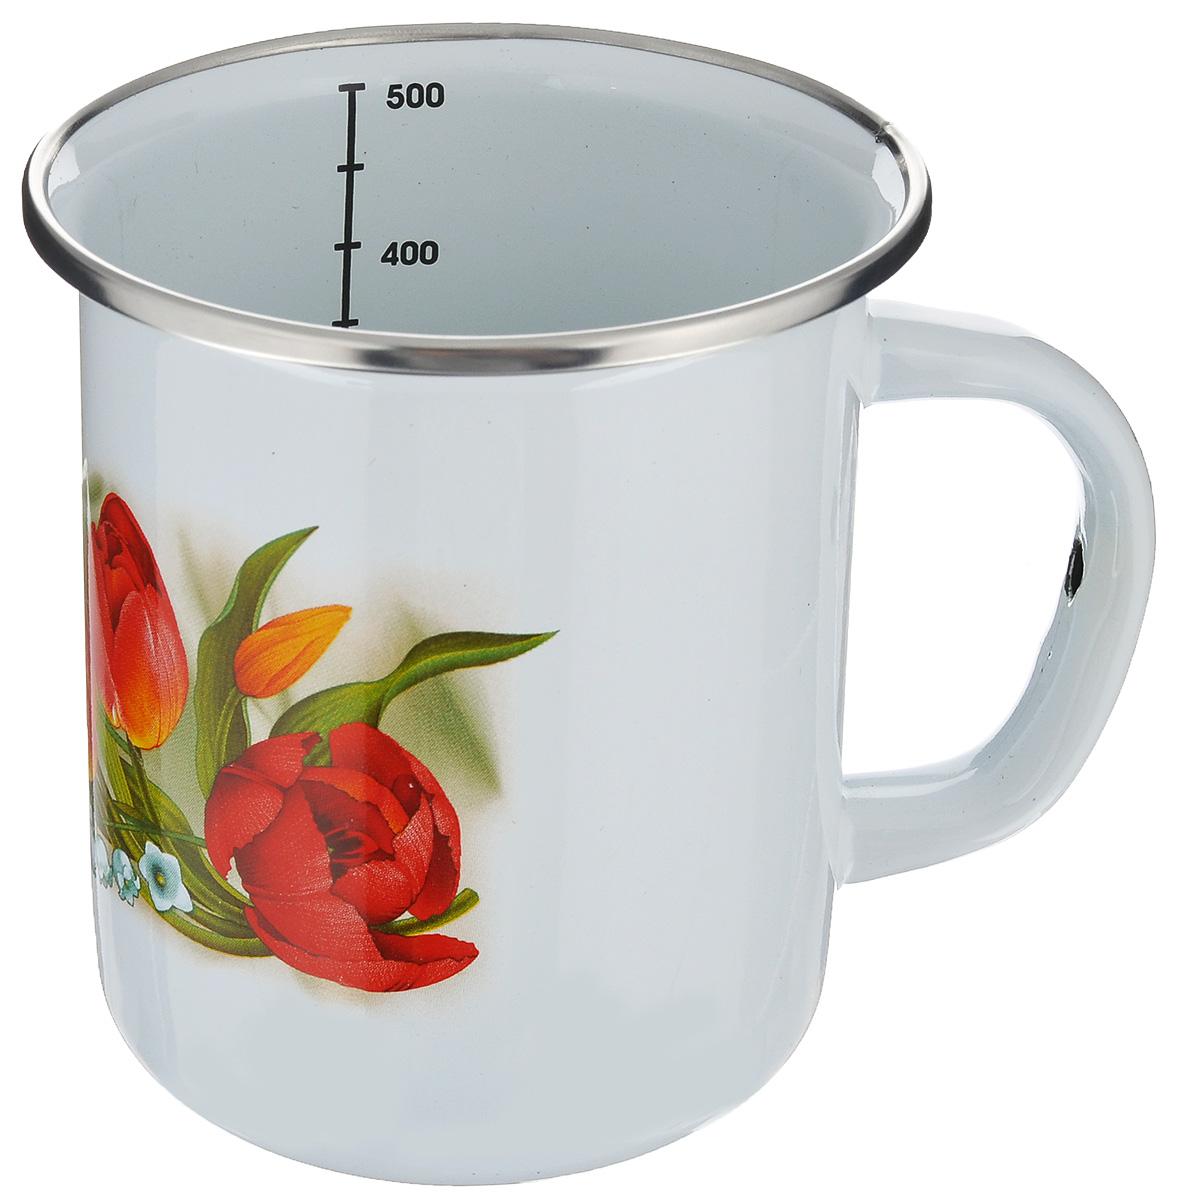 Кружка Цветы. Тюльпаны, 500 мл0104АРС/4_тюльпаныКружка АК ЛМЗ Цветы изготовлена из нержавеющей стали с высококачественным эмалированным покрытием. Внешние стенки оформлены красочным цветочным рисунком. Кружка невероятно функциональная: ее можно использовать для подогревания пищи прямо на плите, хранения продуктов, в том числе в холодильнике. Кружка пригодна для использования на всех видах плит, включая индукционные. Можно мыть в посудомоечной машине. Объем кружки: 500 мл. Диаметр кружки по верхнему краю: 9,5 см. Высота кружки: 10,5 см.